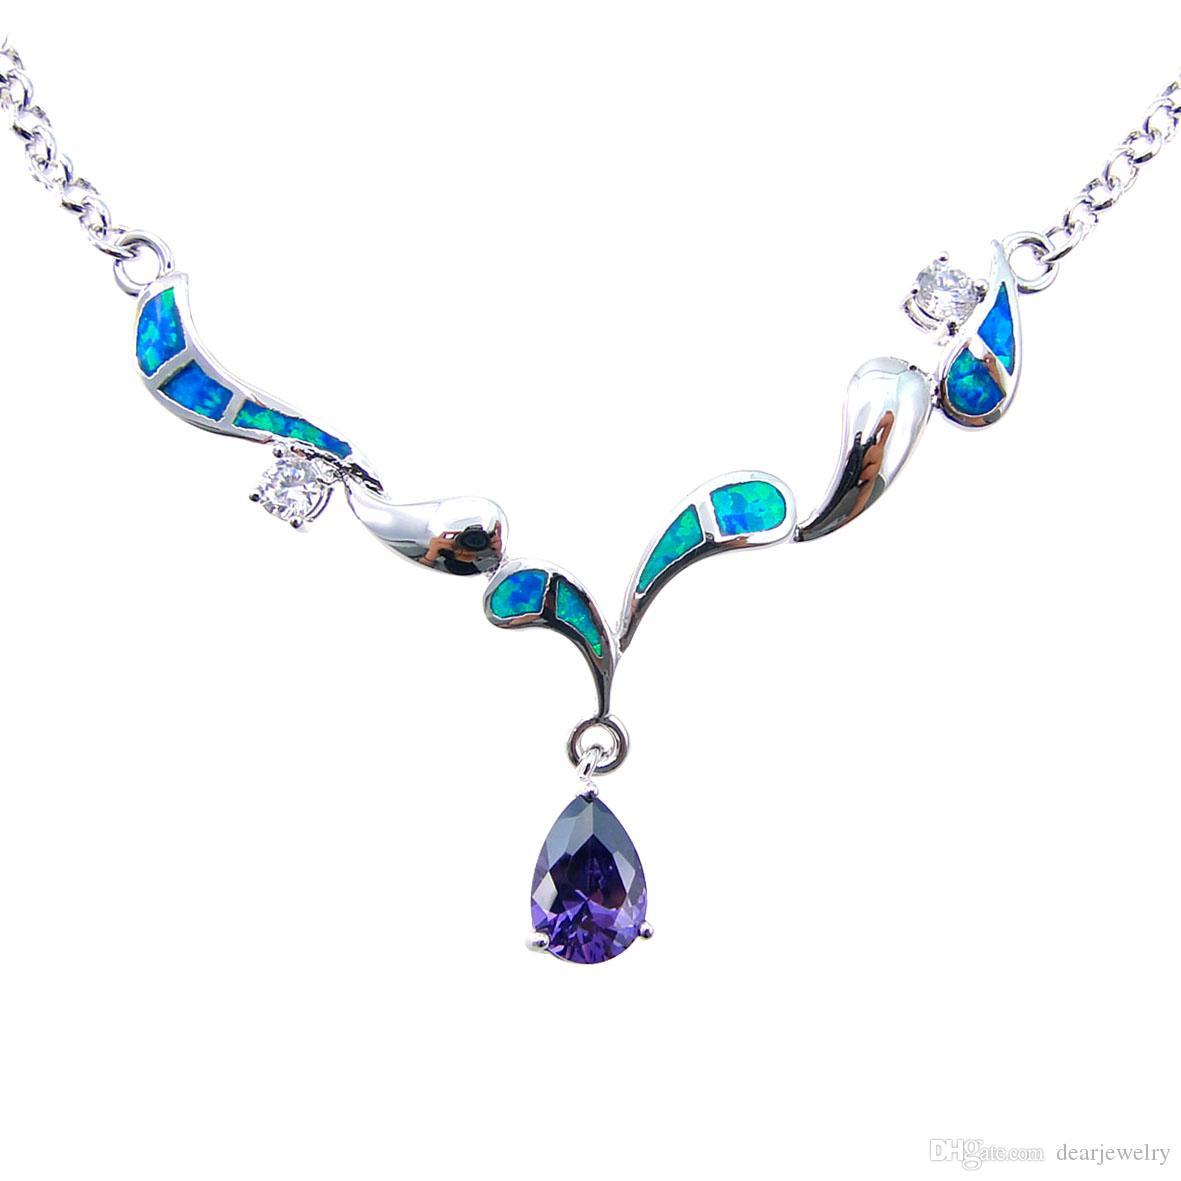 57917efca918 Compre Joyería De Moda Collar De Ópalo Azul Collar De Ópalo De Fuego Joyas  De Plata Rodio Galvanizado DR03011704N Azul Envío Gratis A  11.05 Del  Dearjewelry ...